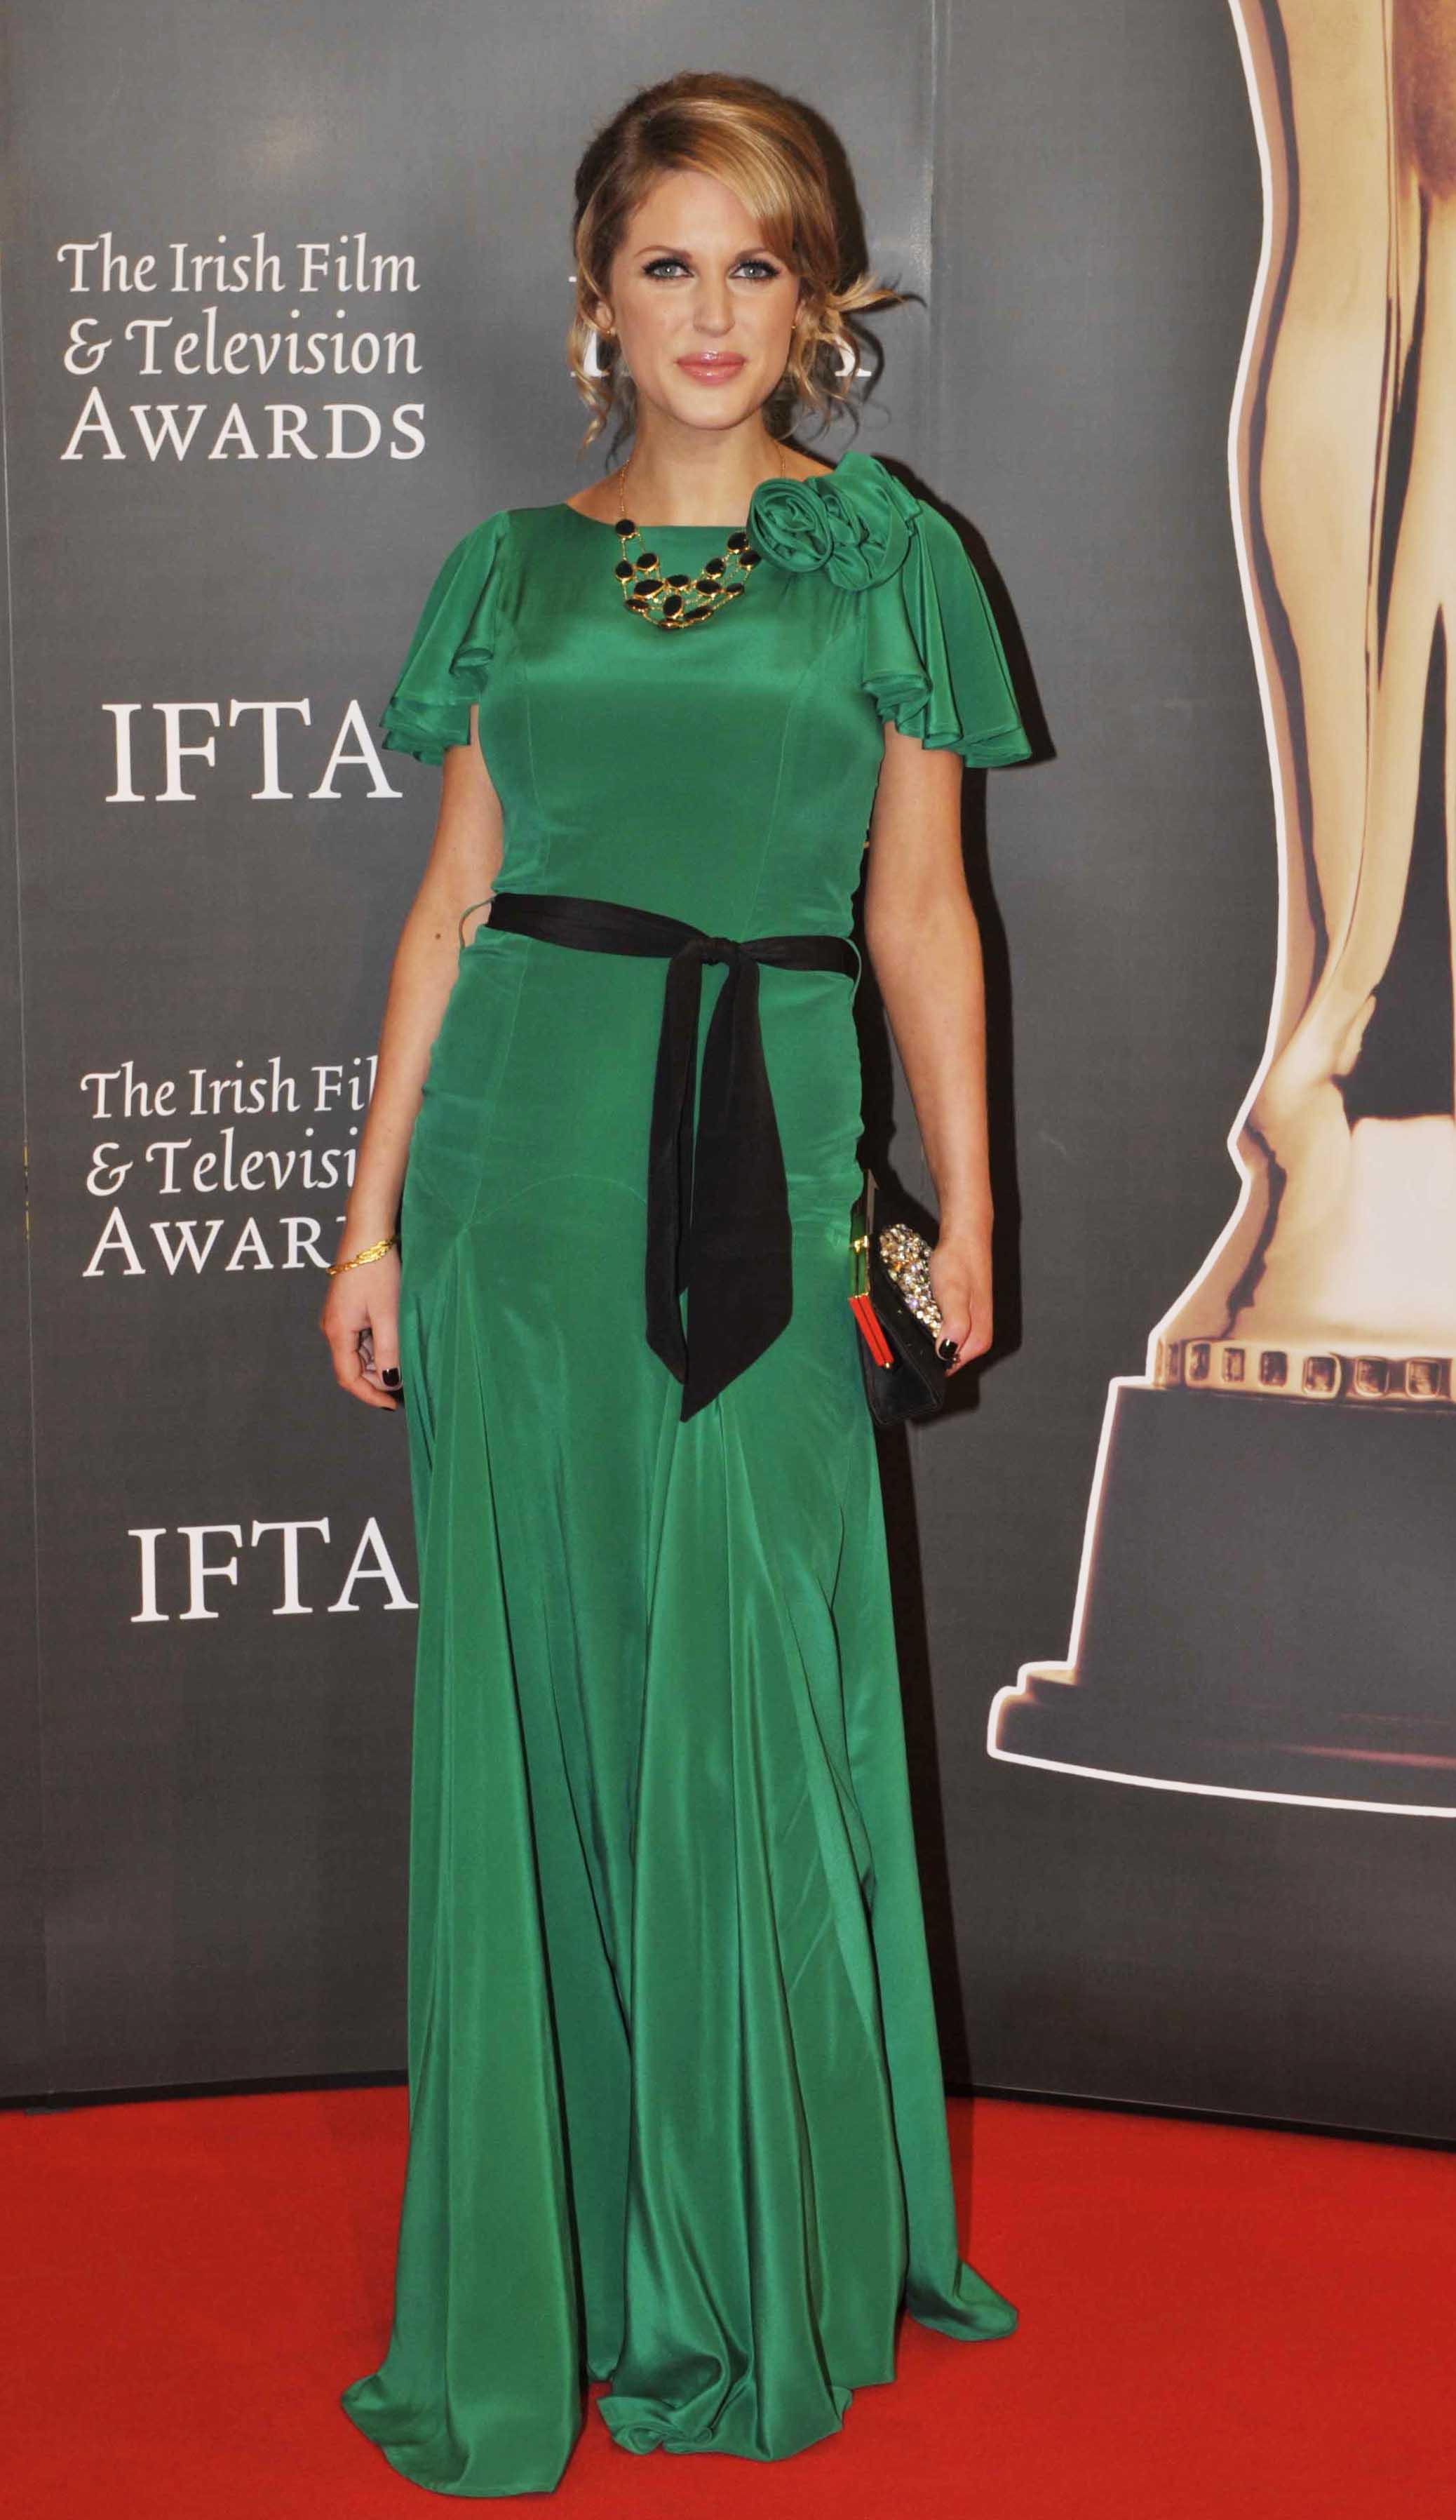 907 IFTA Awards.jpg